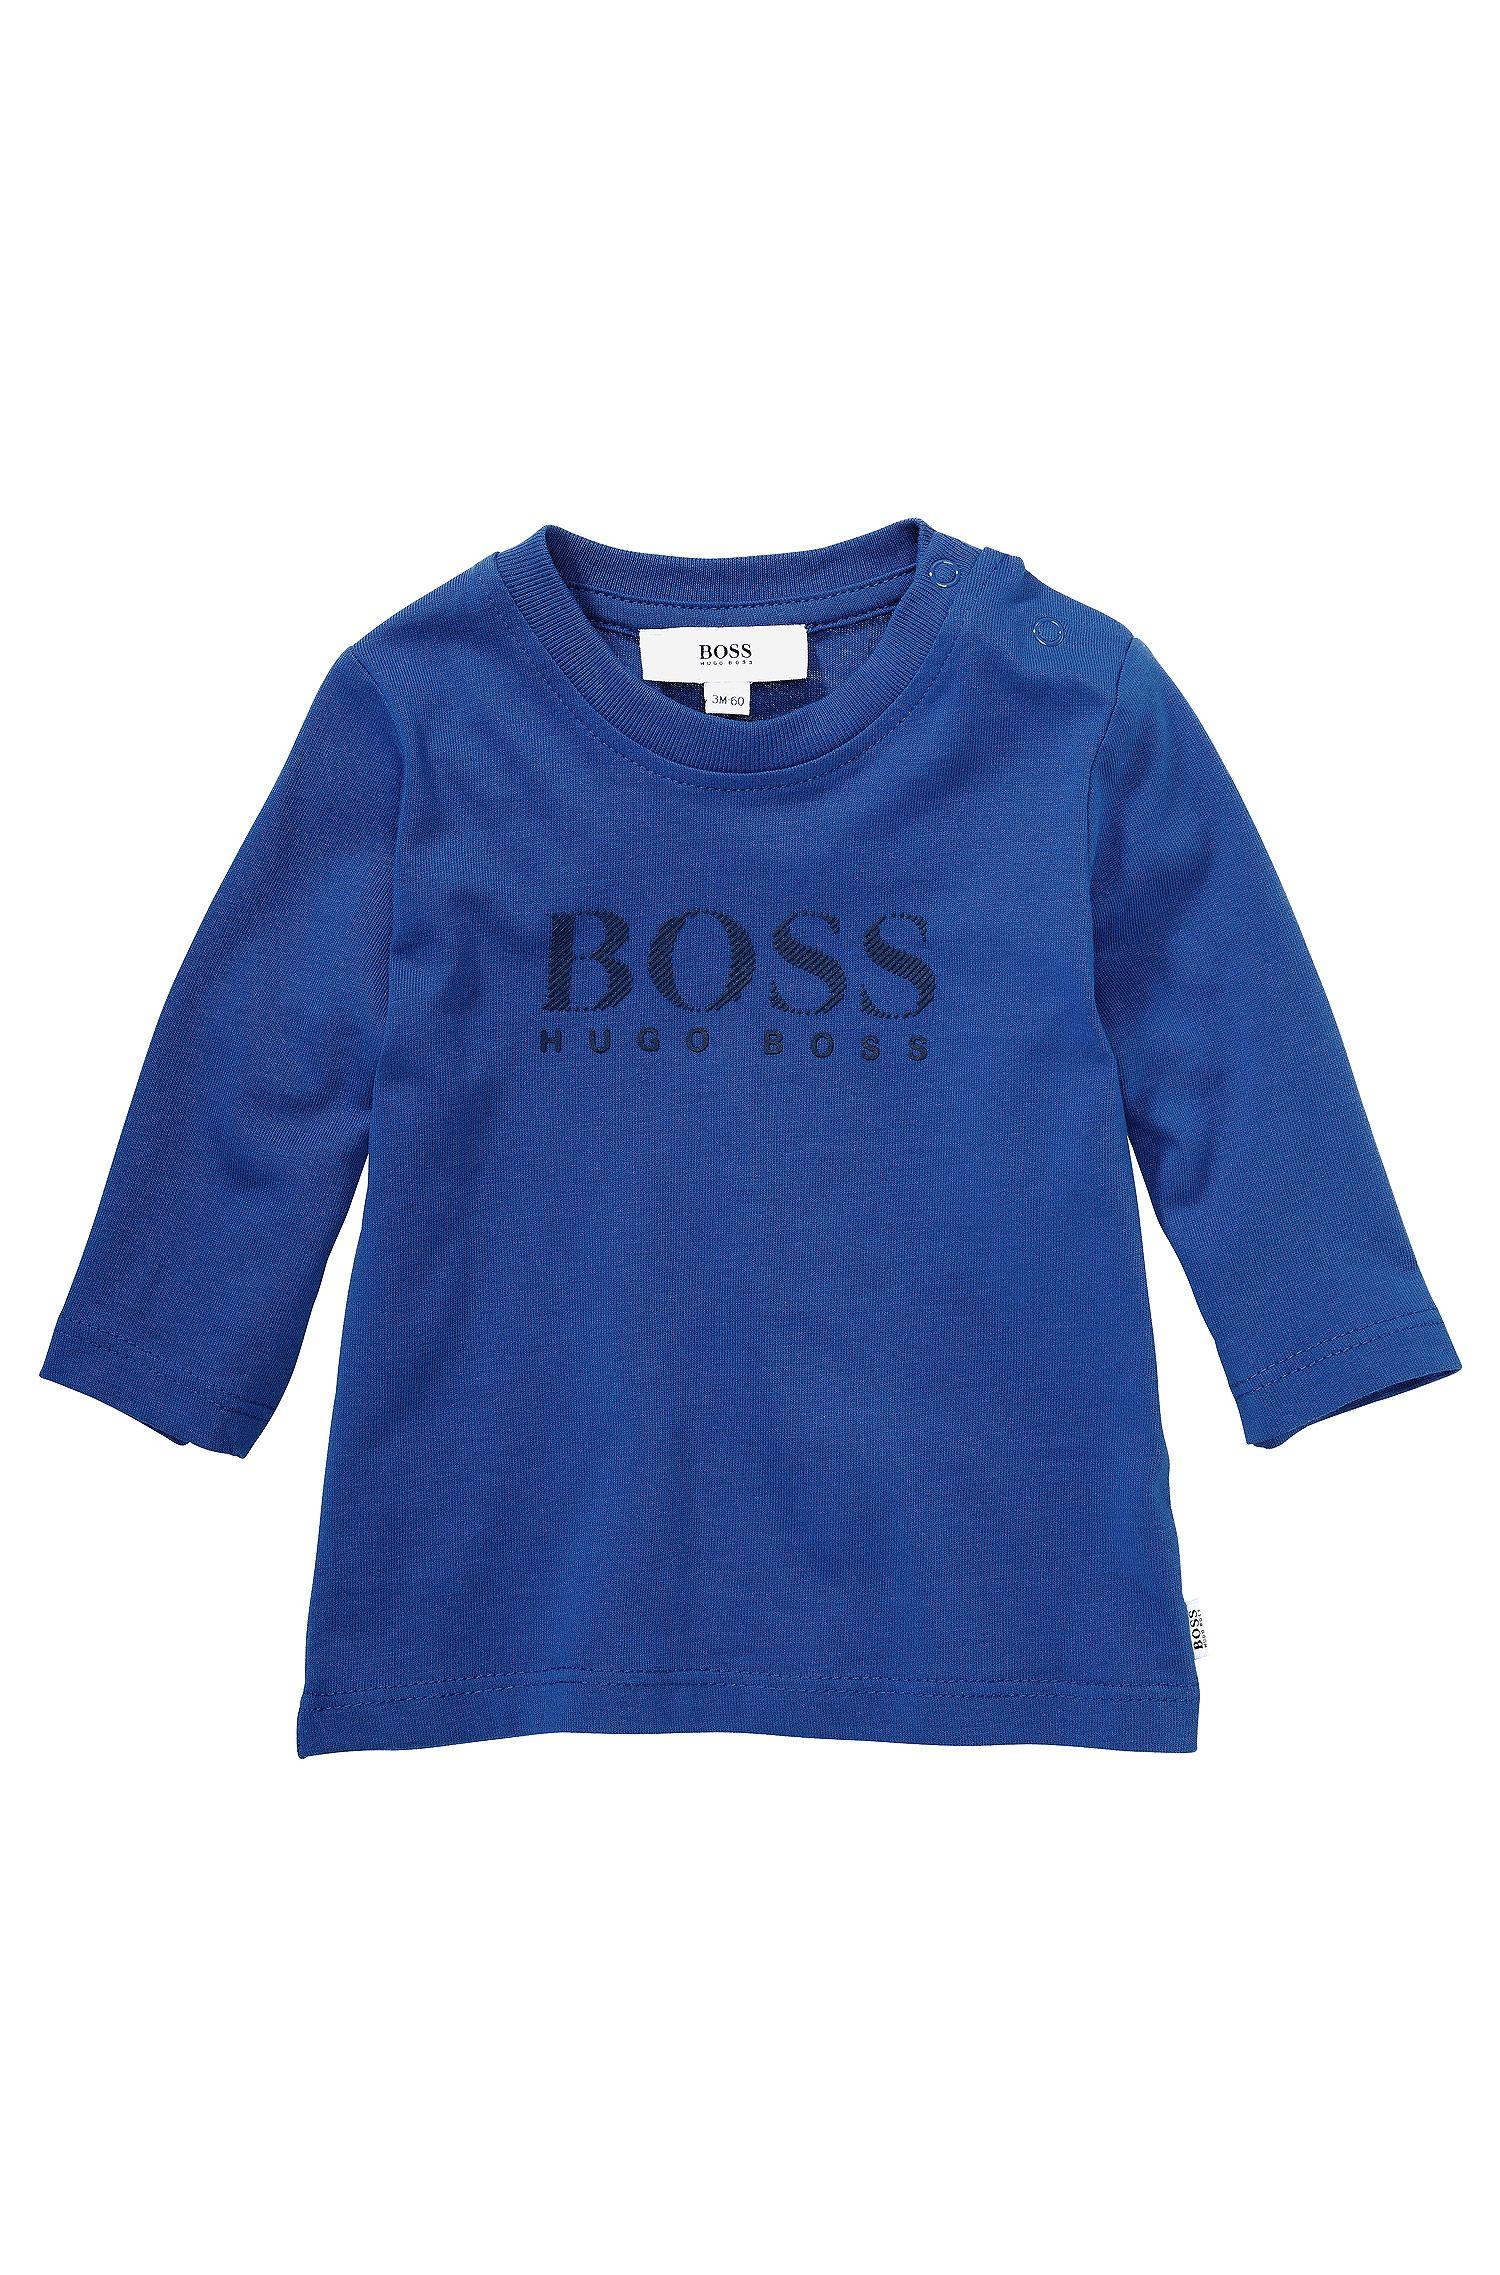 T-shirt à manches longues pour enfant «J05313» en coton